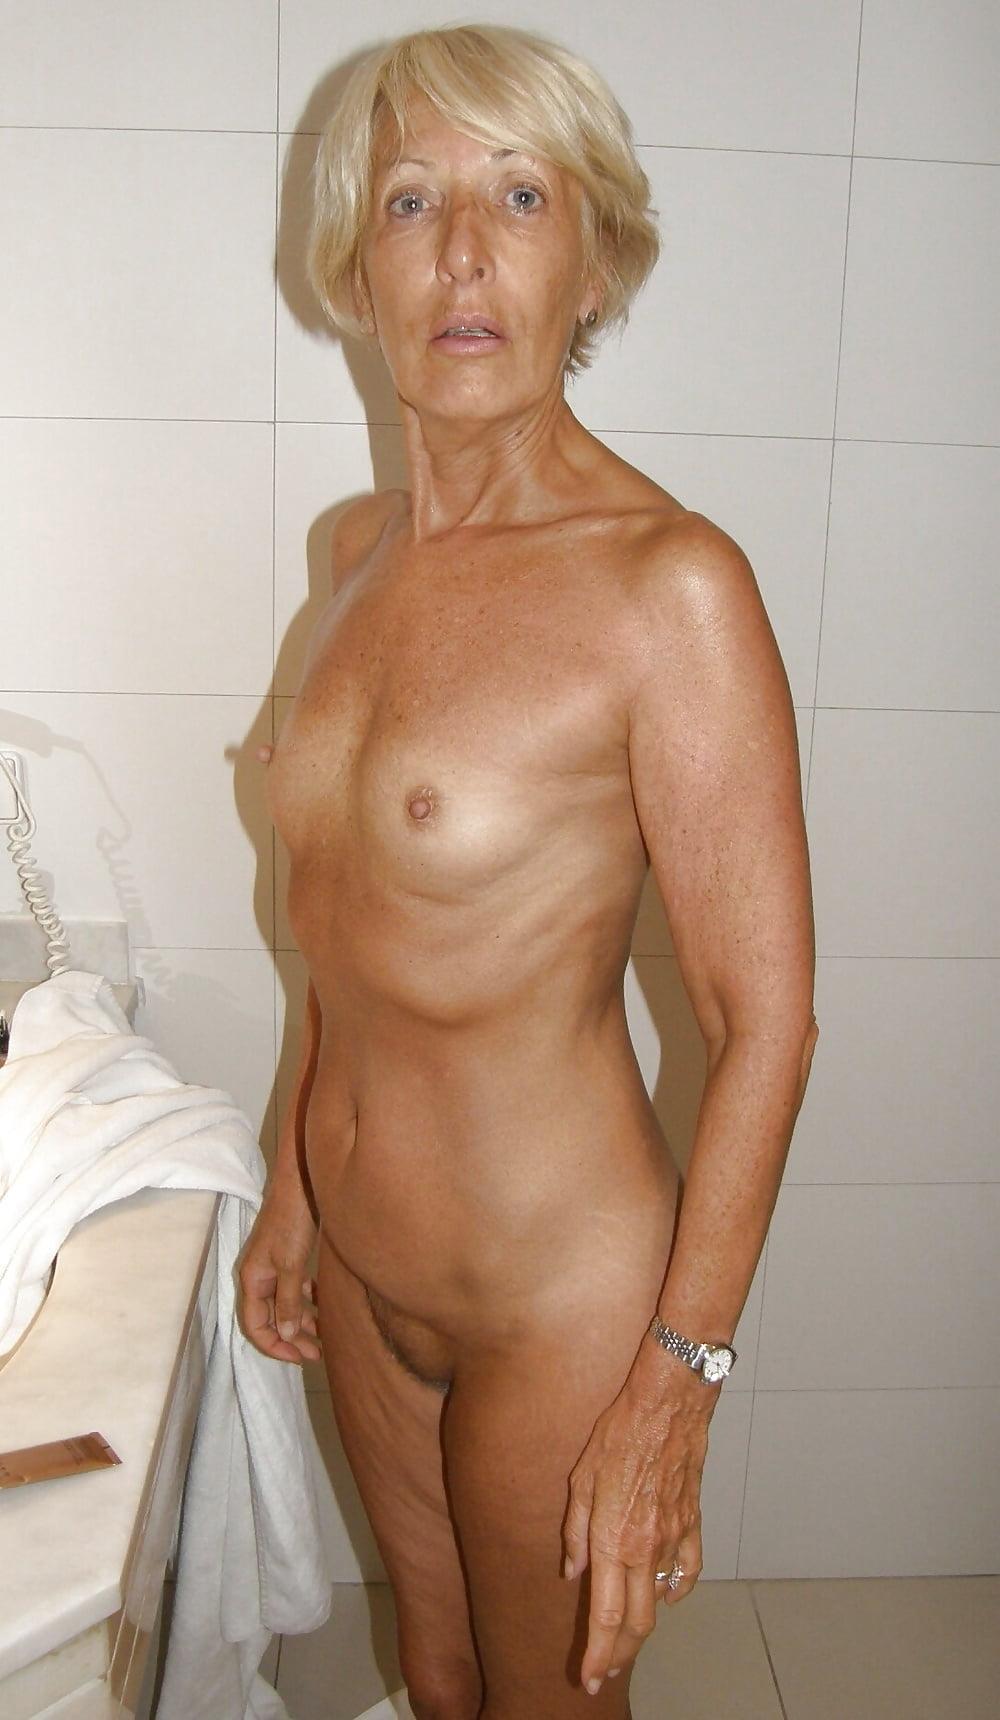 Shy granny nude 14